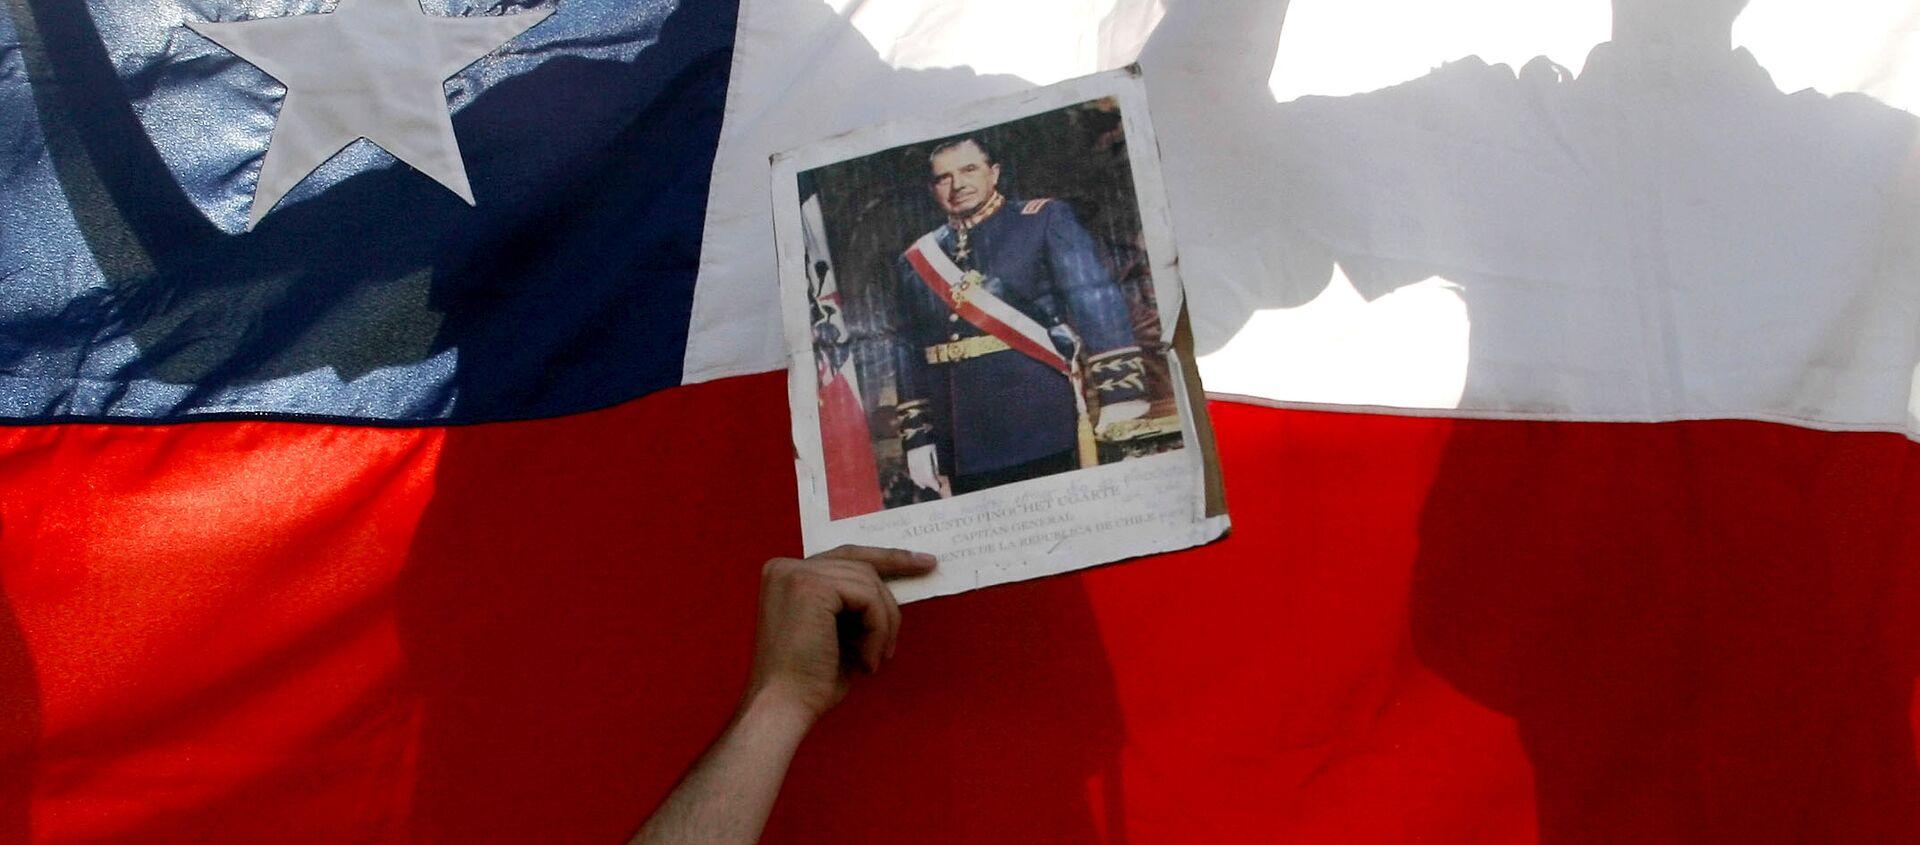 Una foto de Pinochet con bandera chilena del fondo - Sputnik Mundo, 1920, 30.12.2020